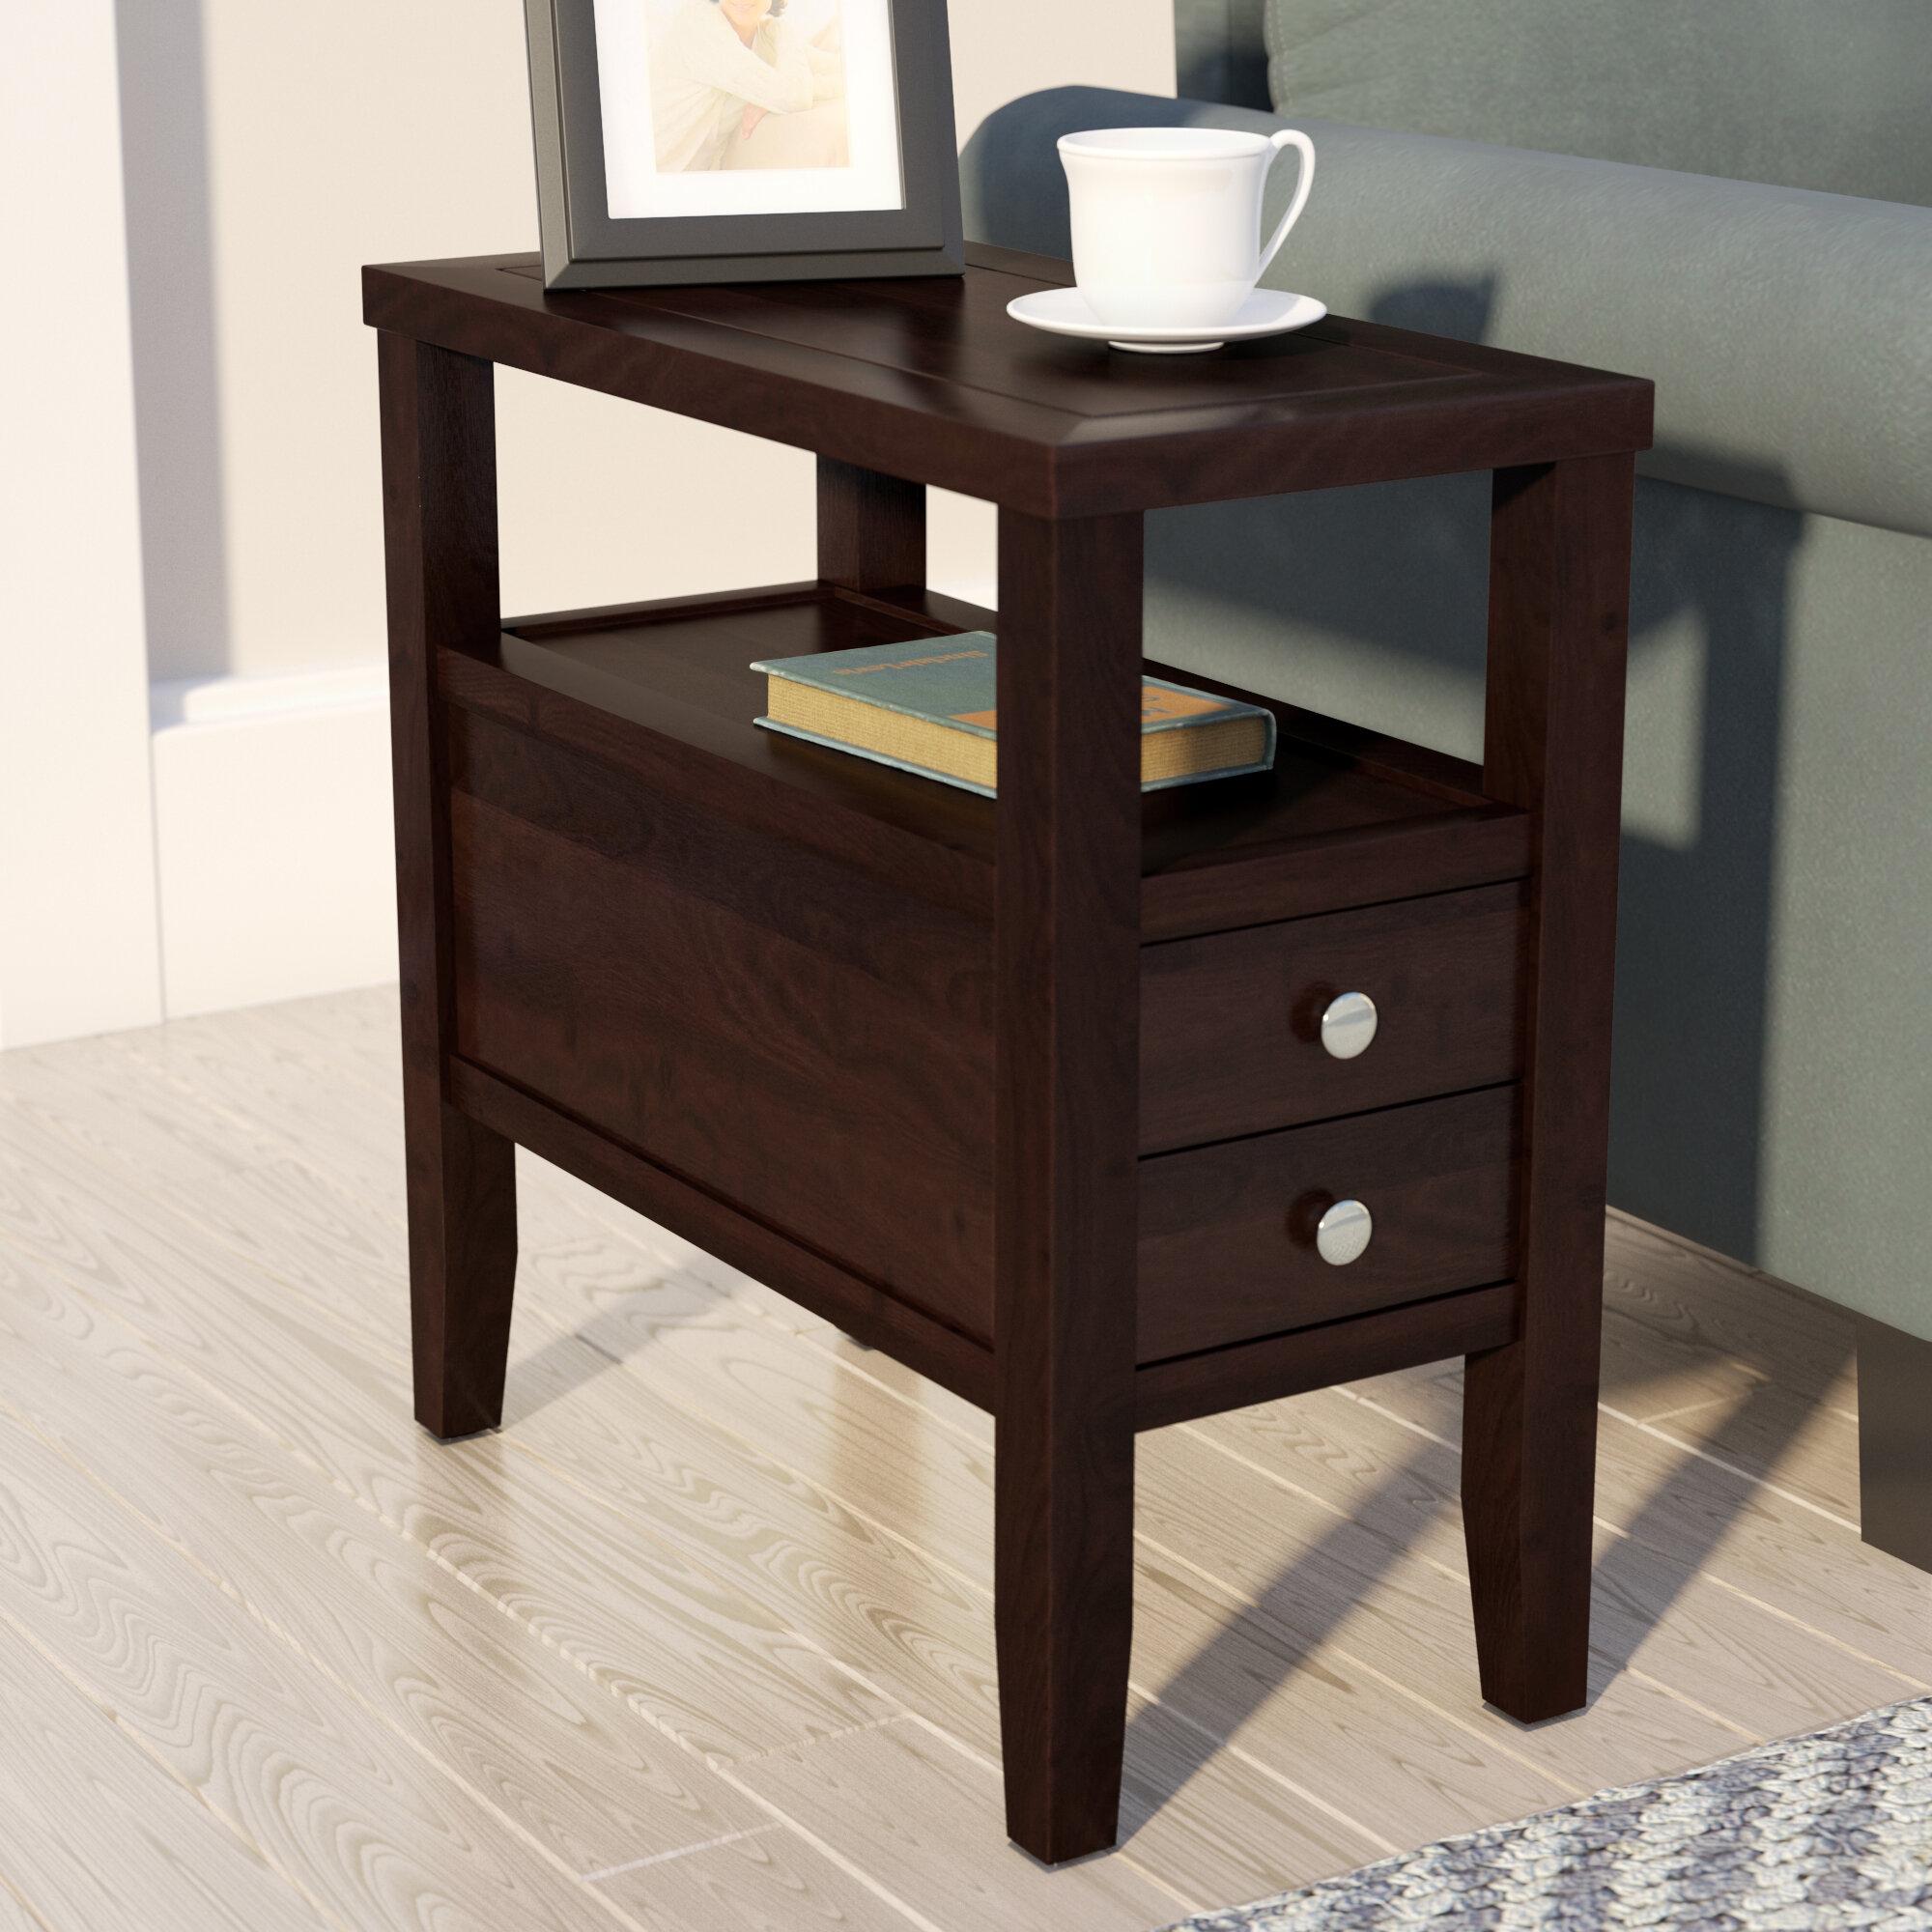 Incroyable Andover Mills Gahagan End Table With Storage U0026 Reviews | Wayfair